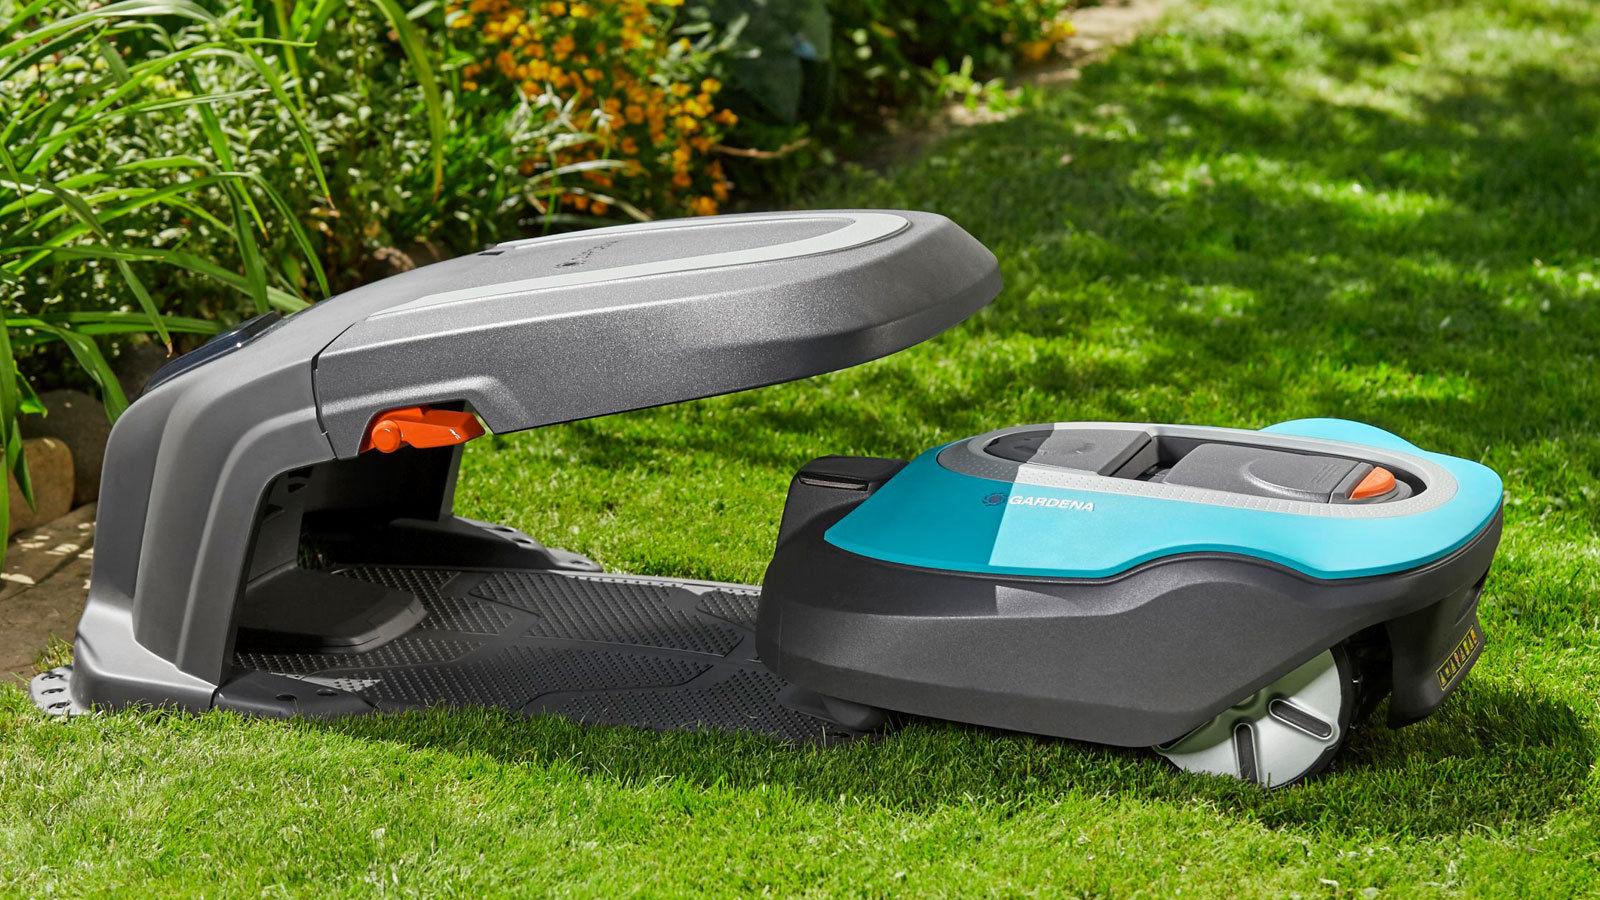 Huset skyddar robotgräsklipparen från regn och rusk